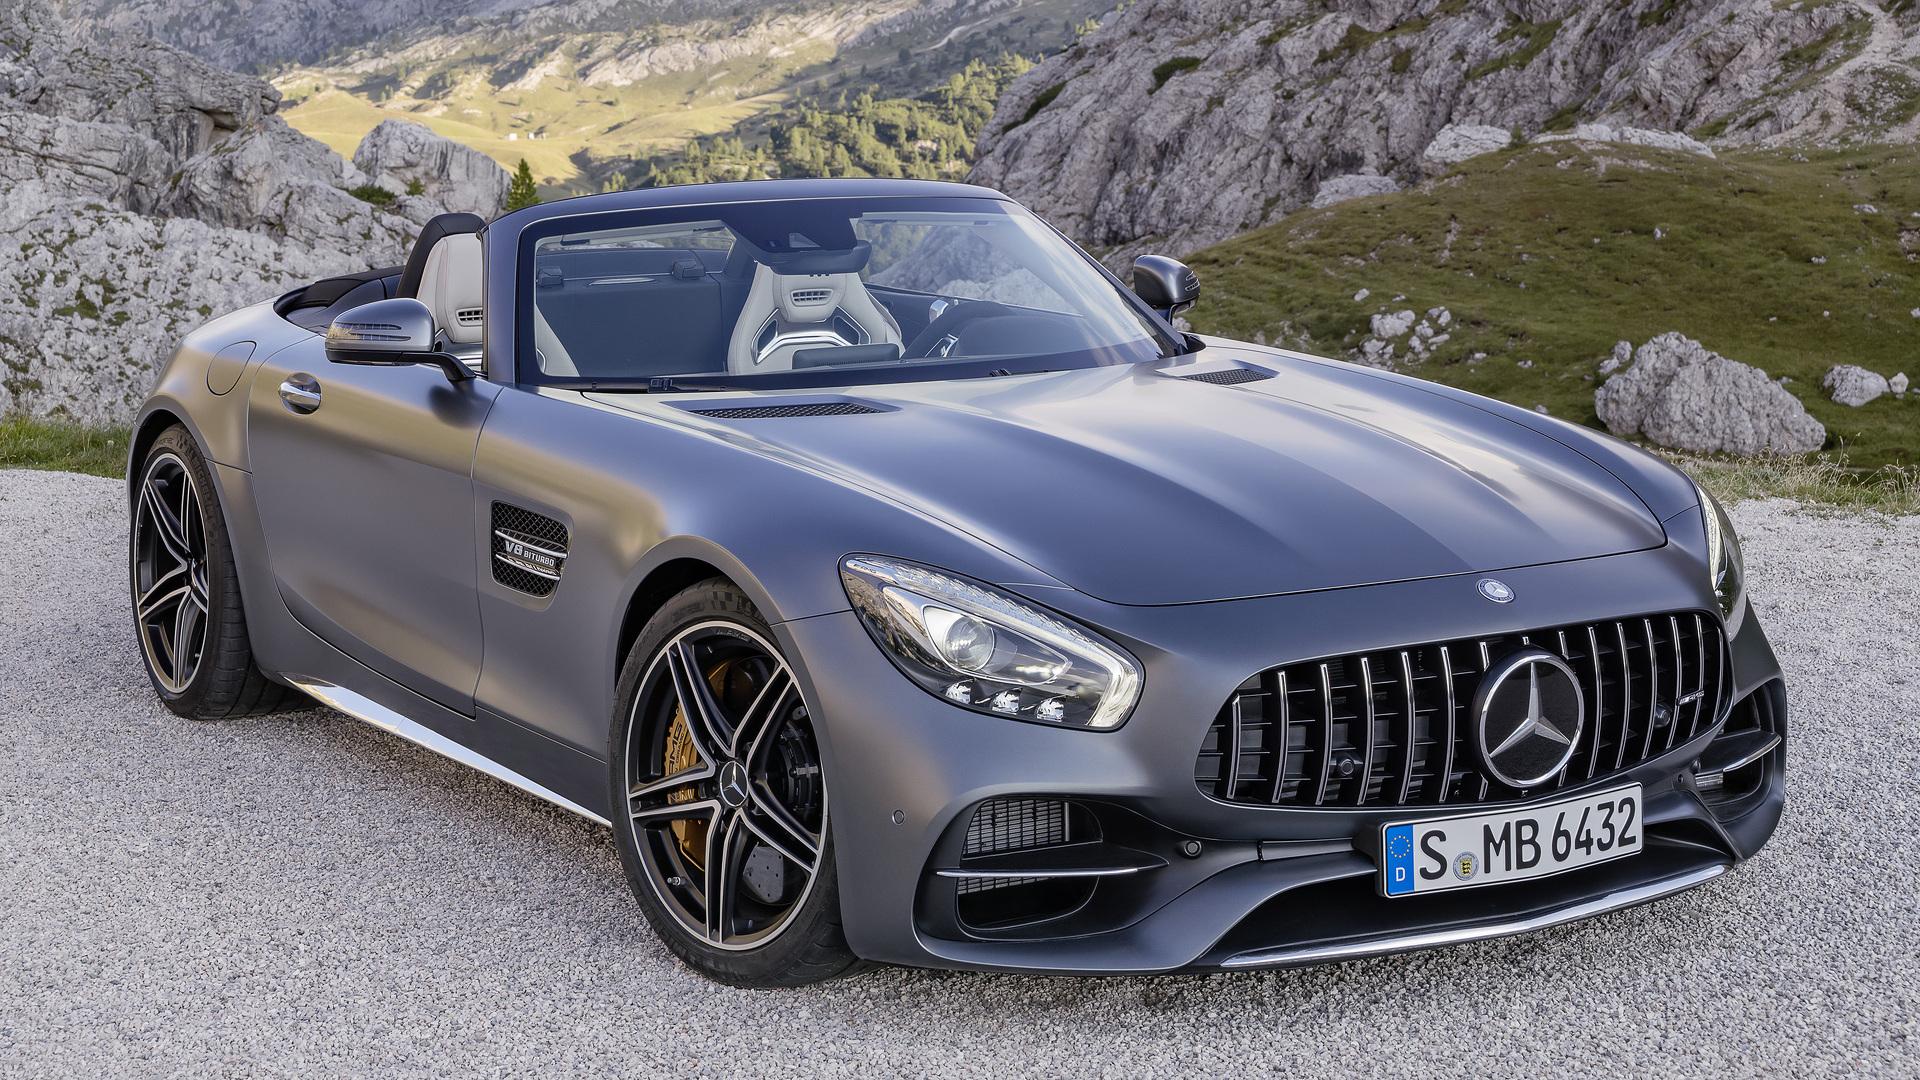 Mercedes-AMG GT Roadster revealed ahead of Paris debut